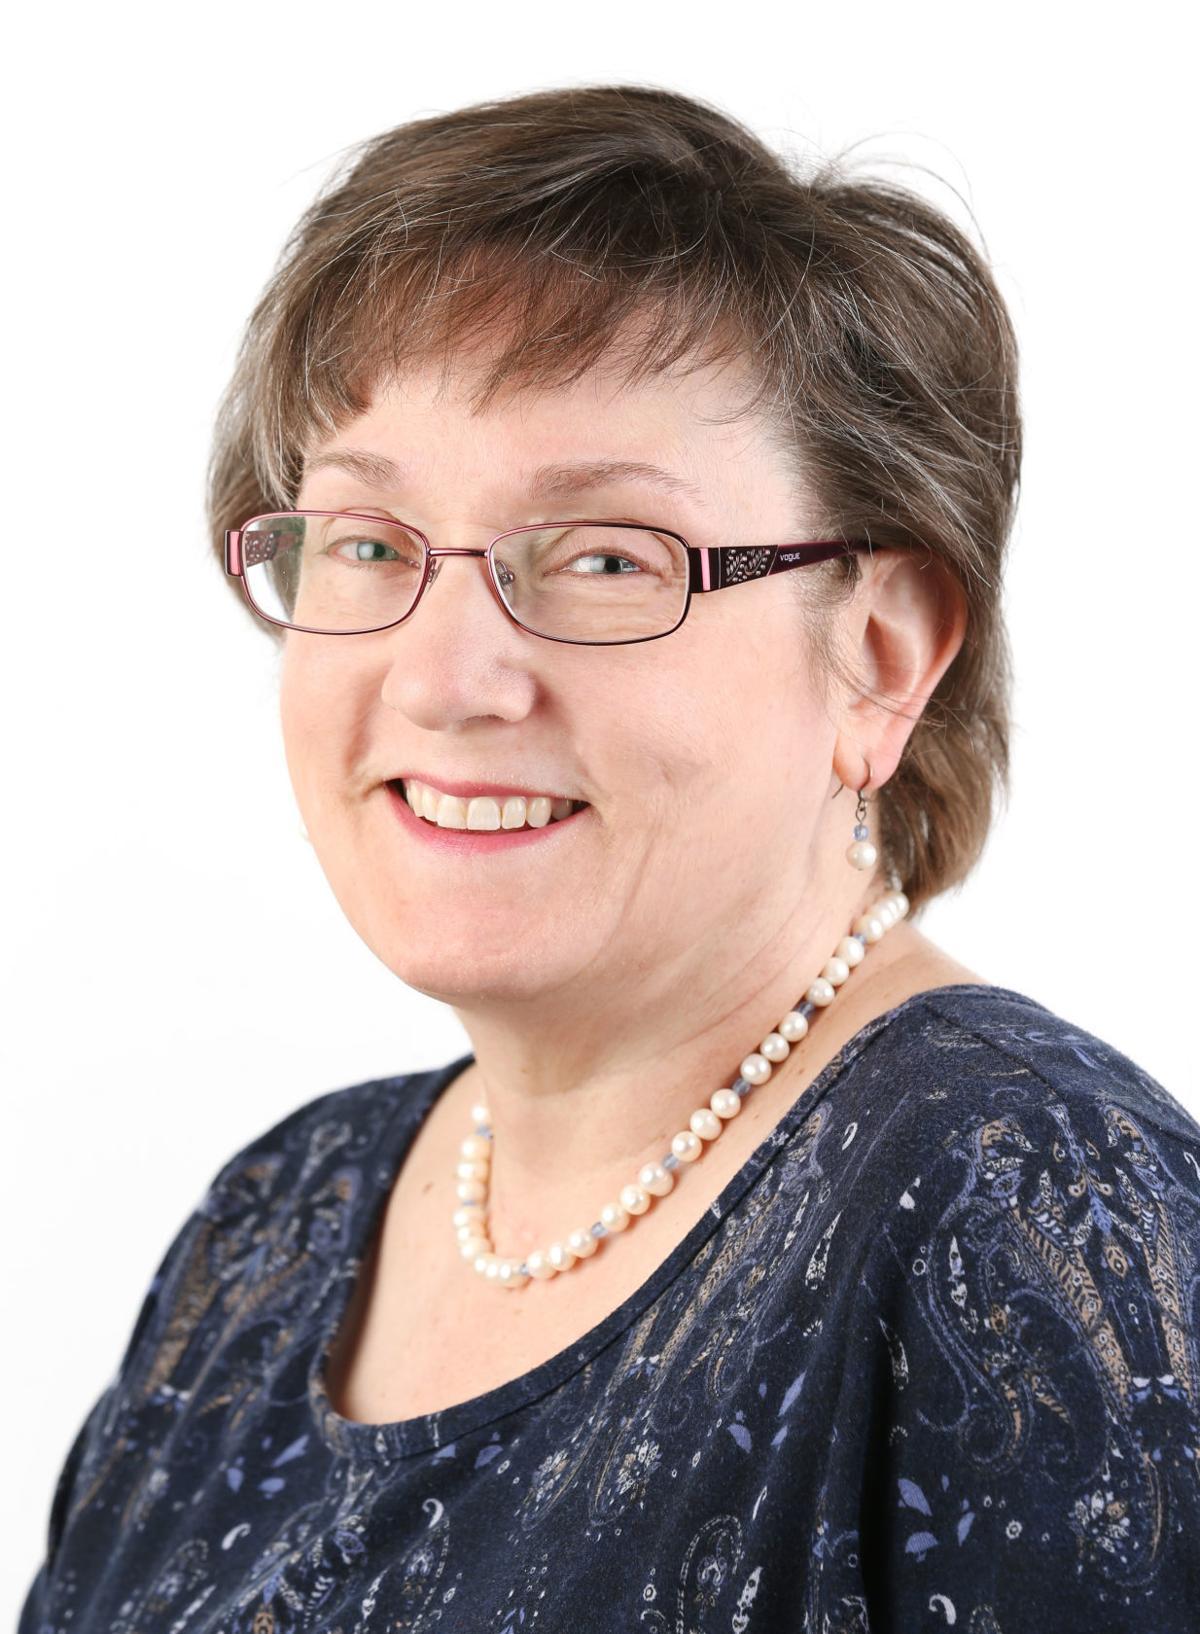 Johanna Eubank